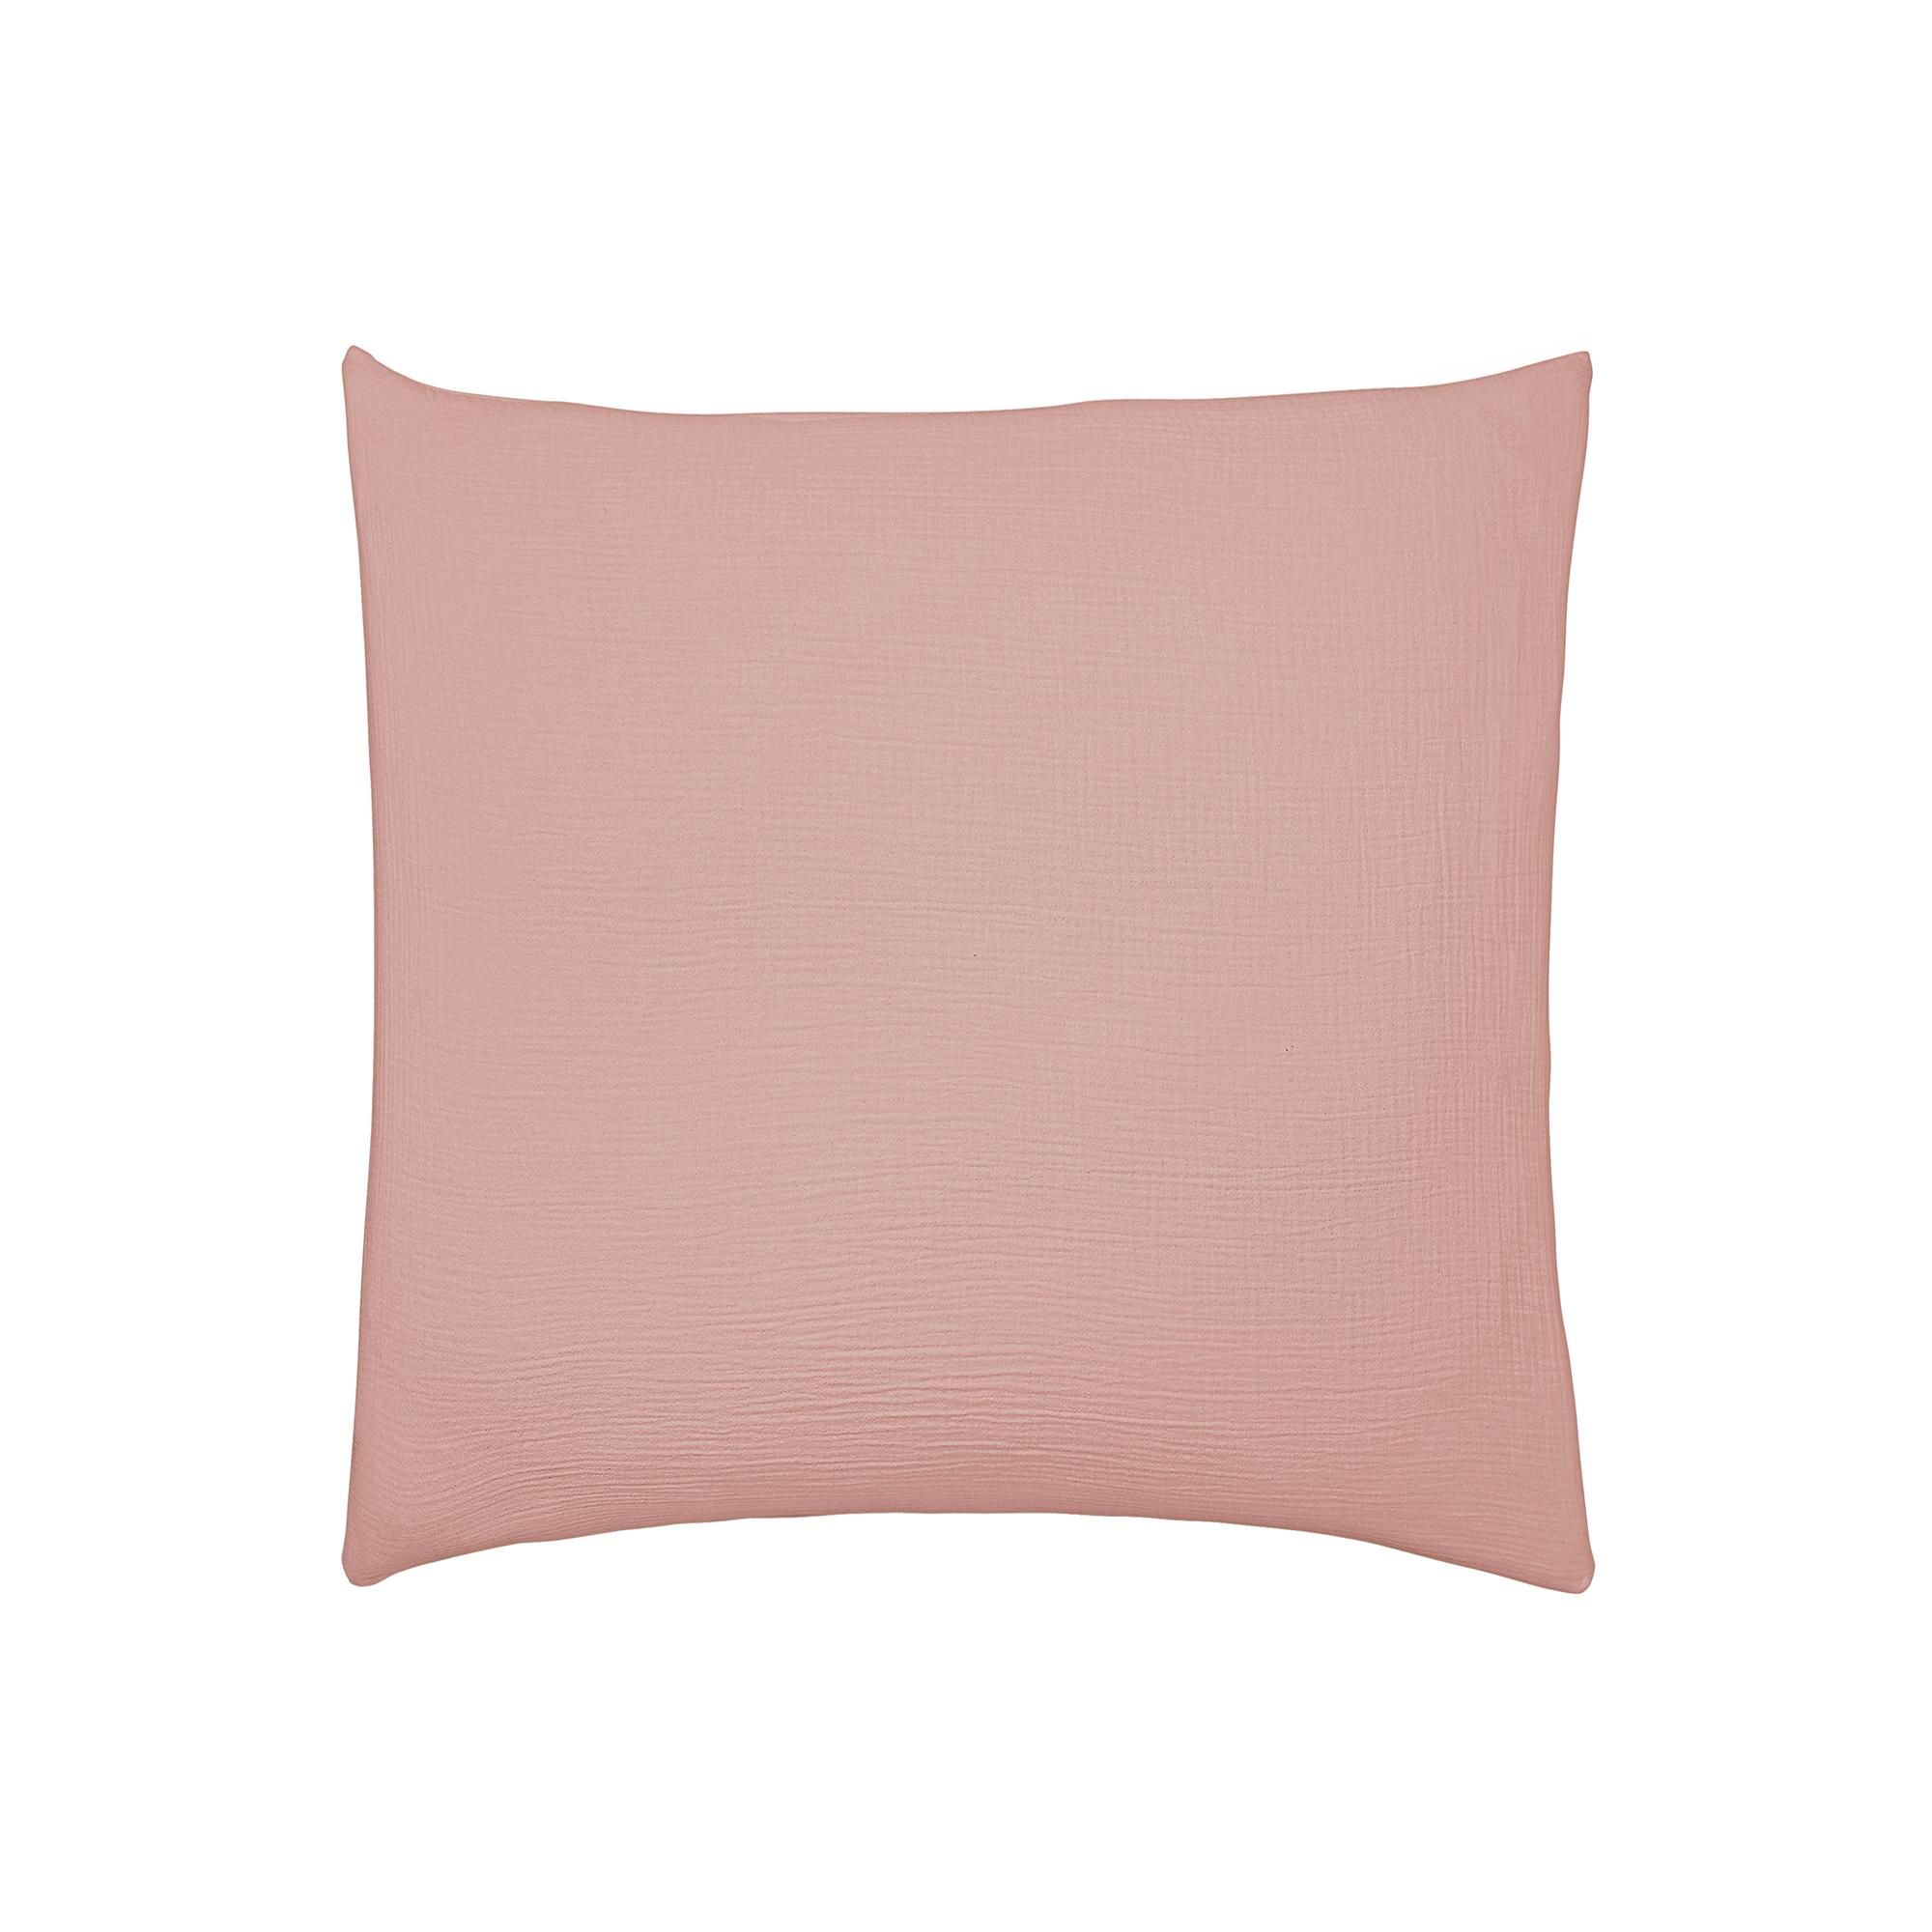 Taie d'oreiller unie en coton rose 65x65